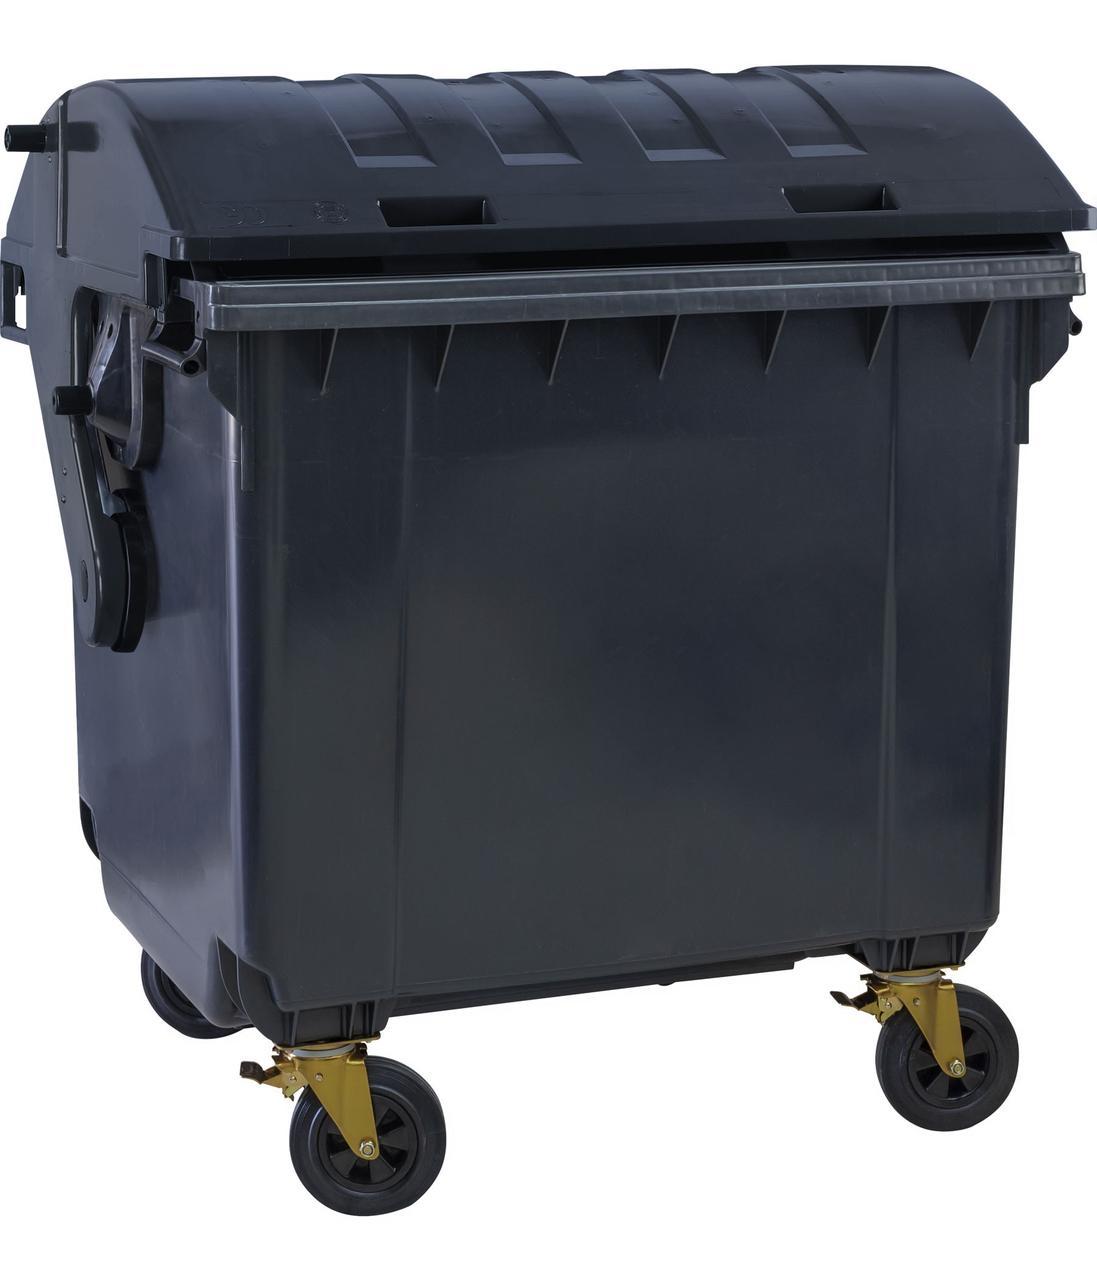 ESE пластиковий сміттєвий контейнер для ТПВ із сферичною кришкою 1,1 м3.